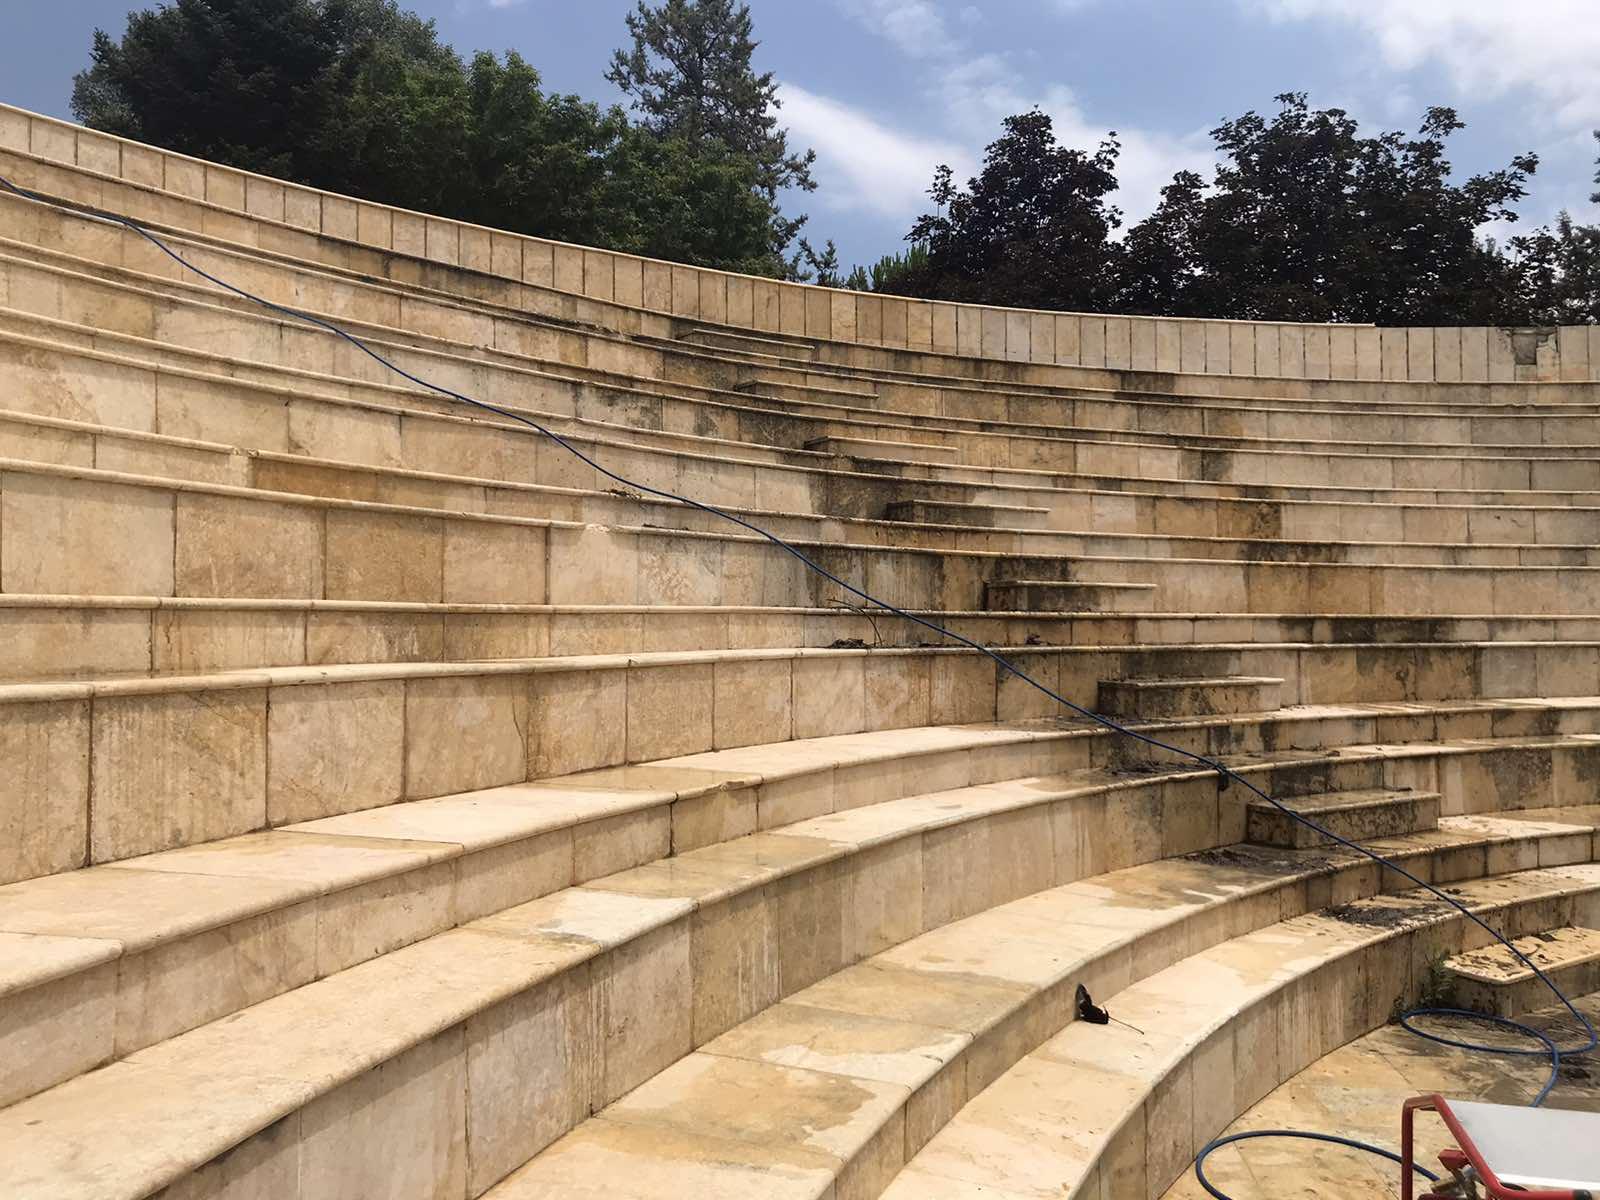 Κατερίνη – Και ο πολιτισμός κάνει επανεκκίνηση από το αμφιθέατρο του Πάρκου!